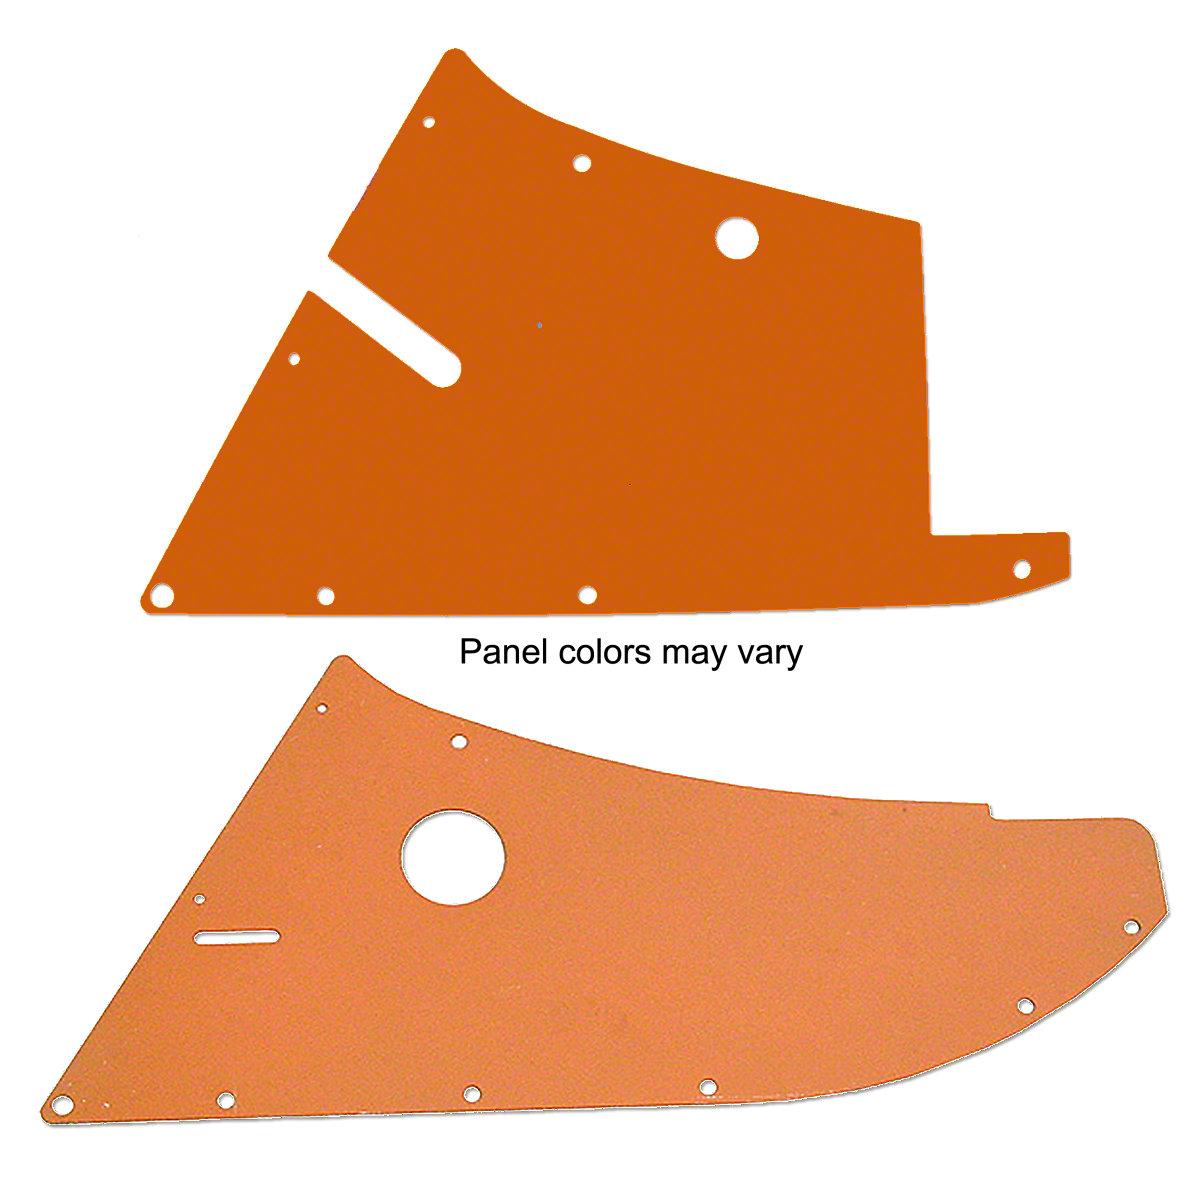 2 Piece Side Panel Set For Allis Chalmers: D10, D12.